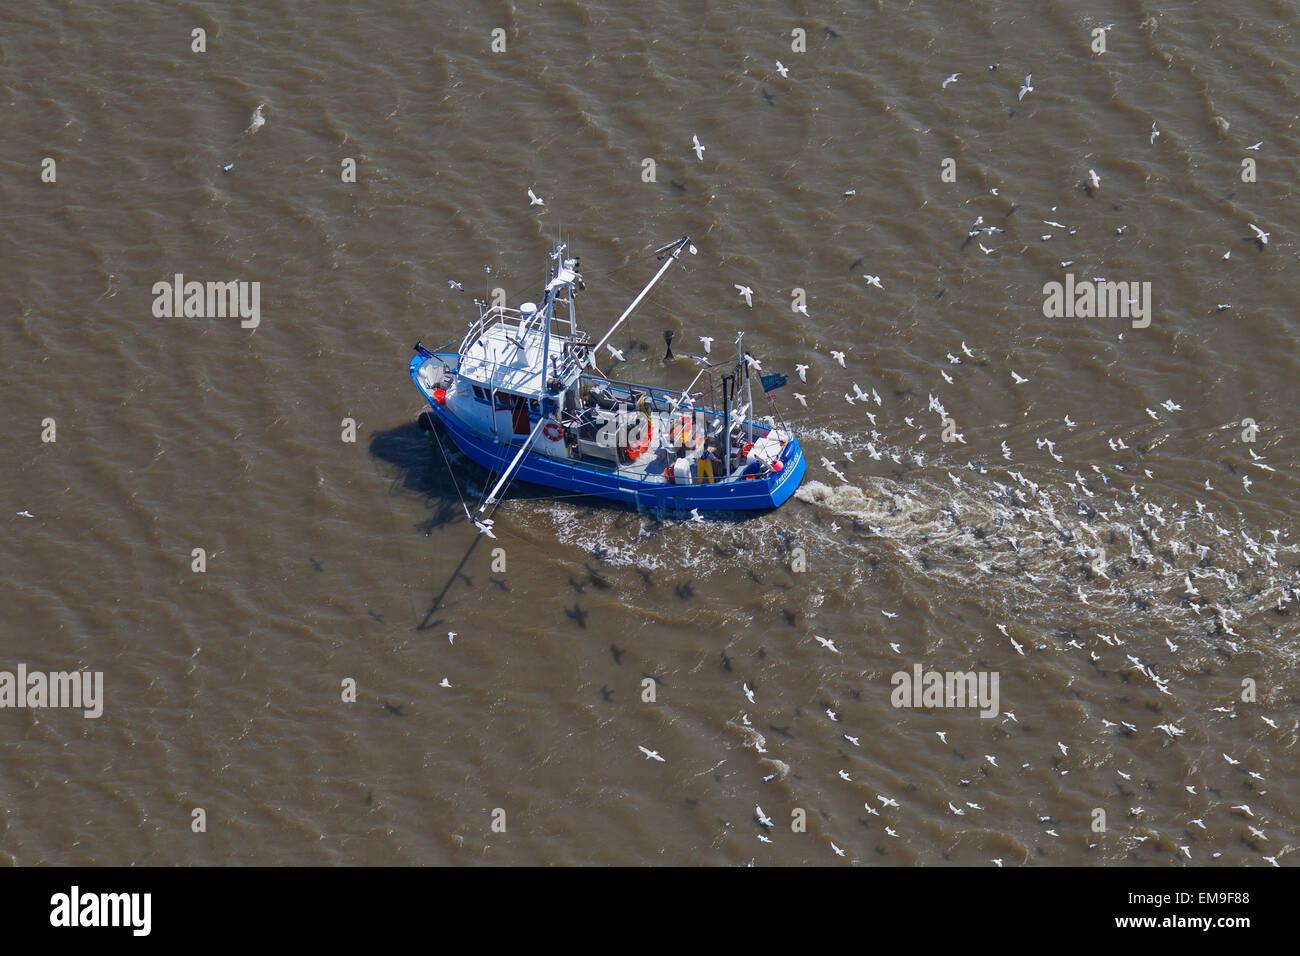 Luftaufnahme des blauen Garnelen Trawler Bootsfischerei für Garnelen auf dem Meer gefolgt von Möwen Stockfoto